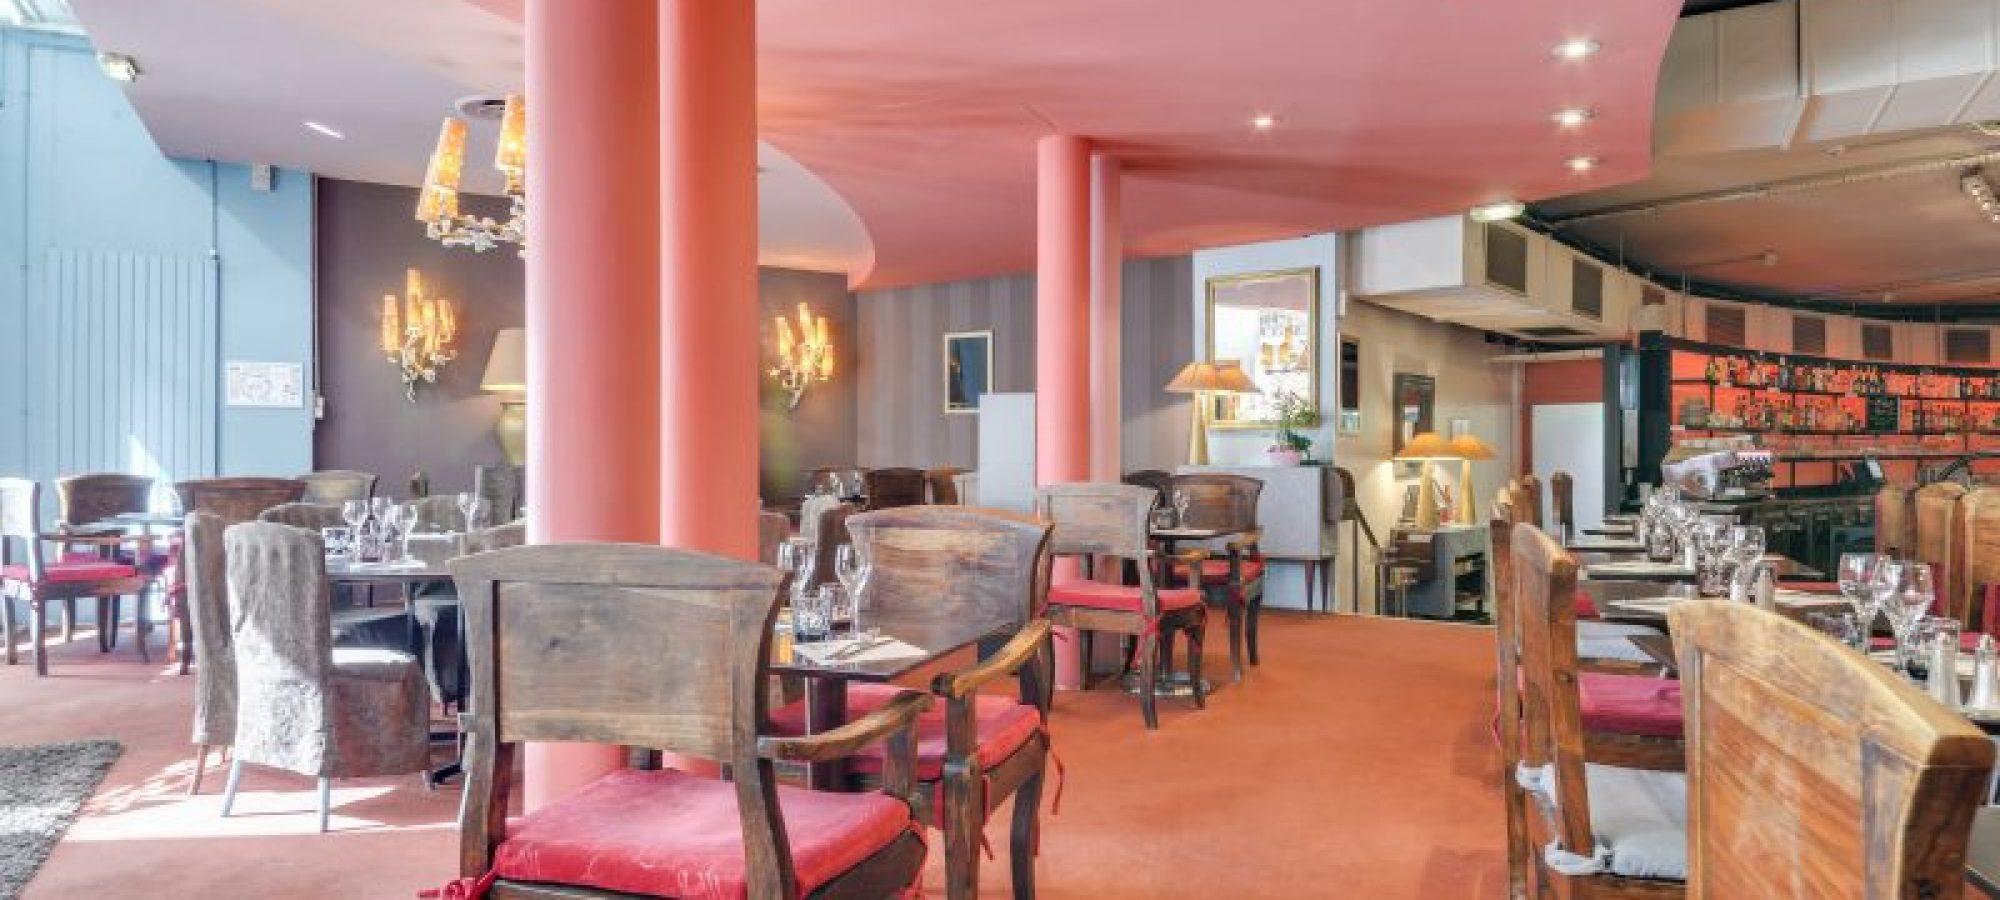 le-restaurant-du-rond-point-08-HD